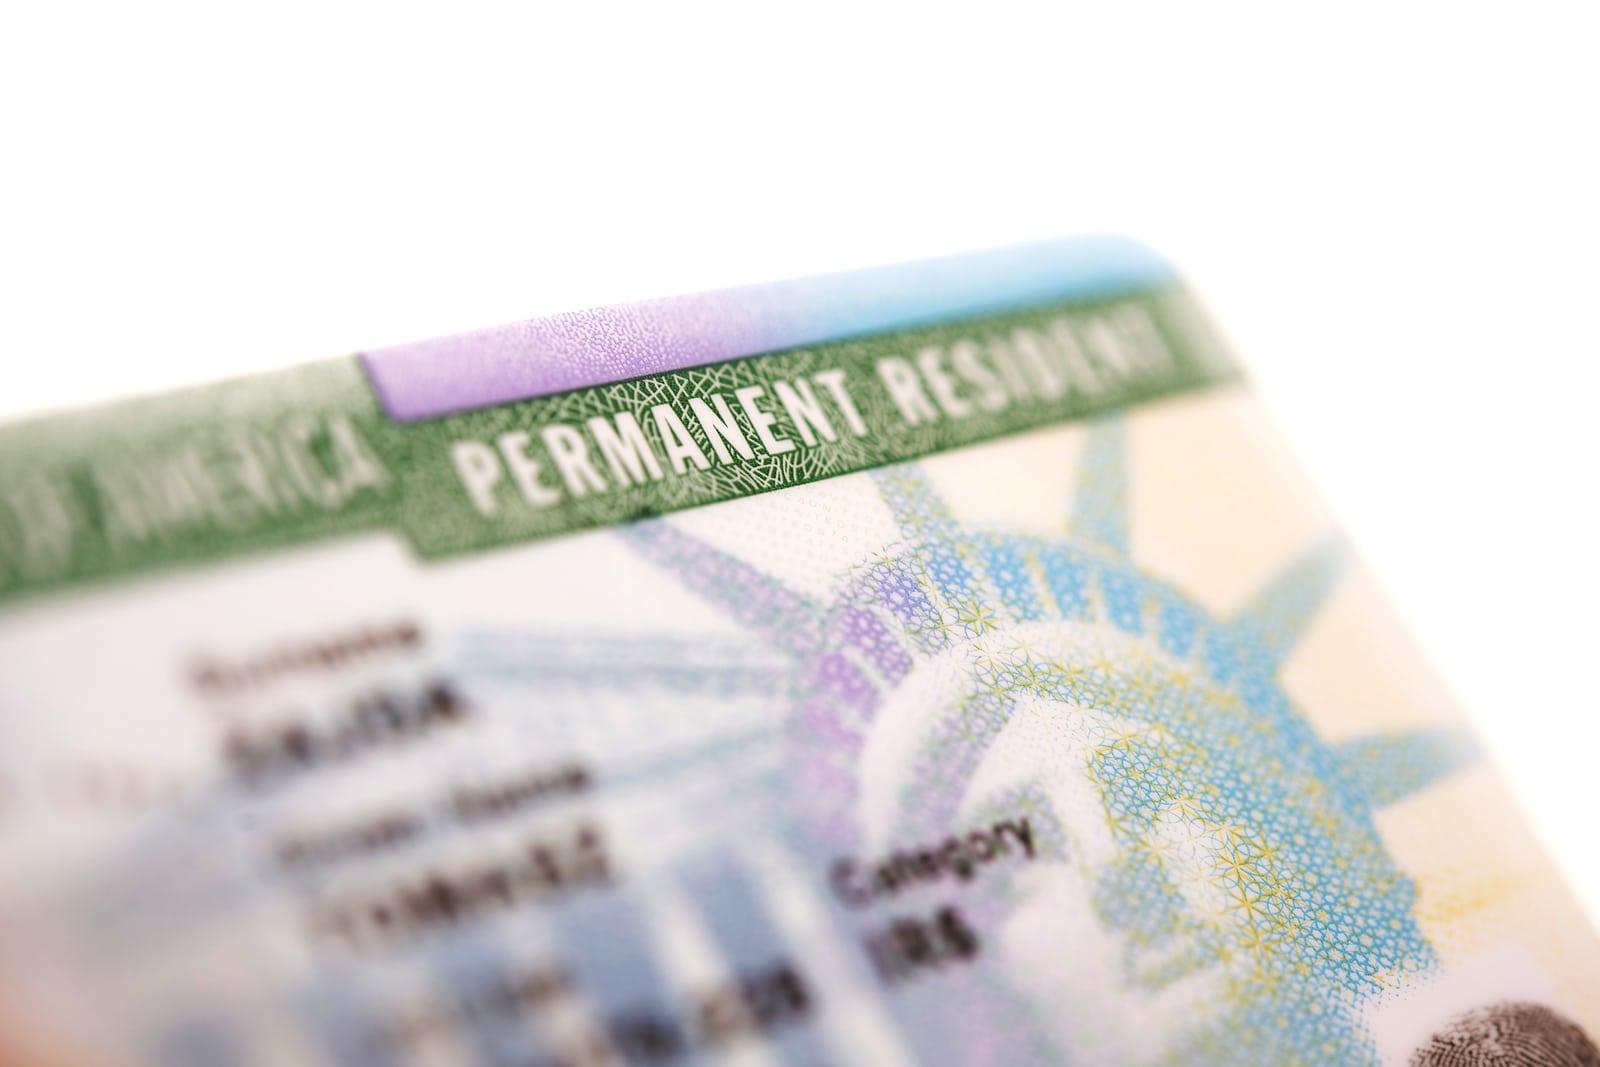 La loterie de la carte verte 2020 : À quand les résultats?